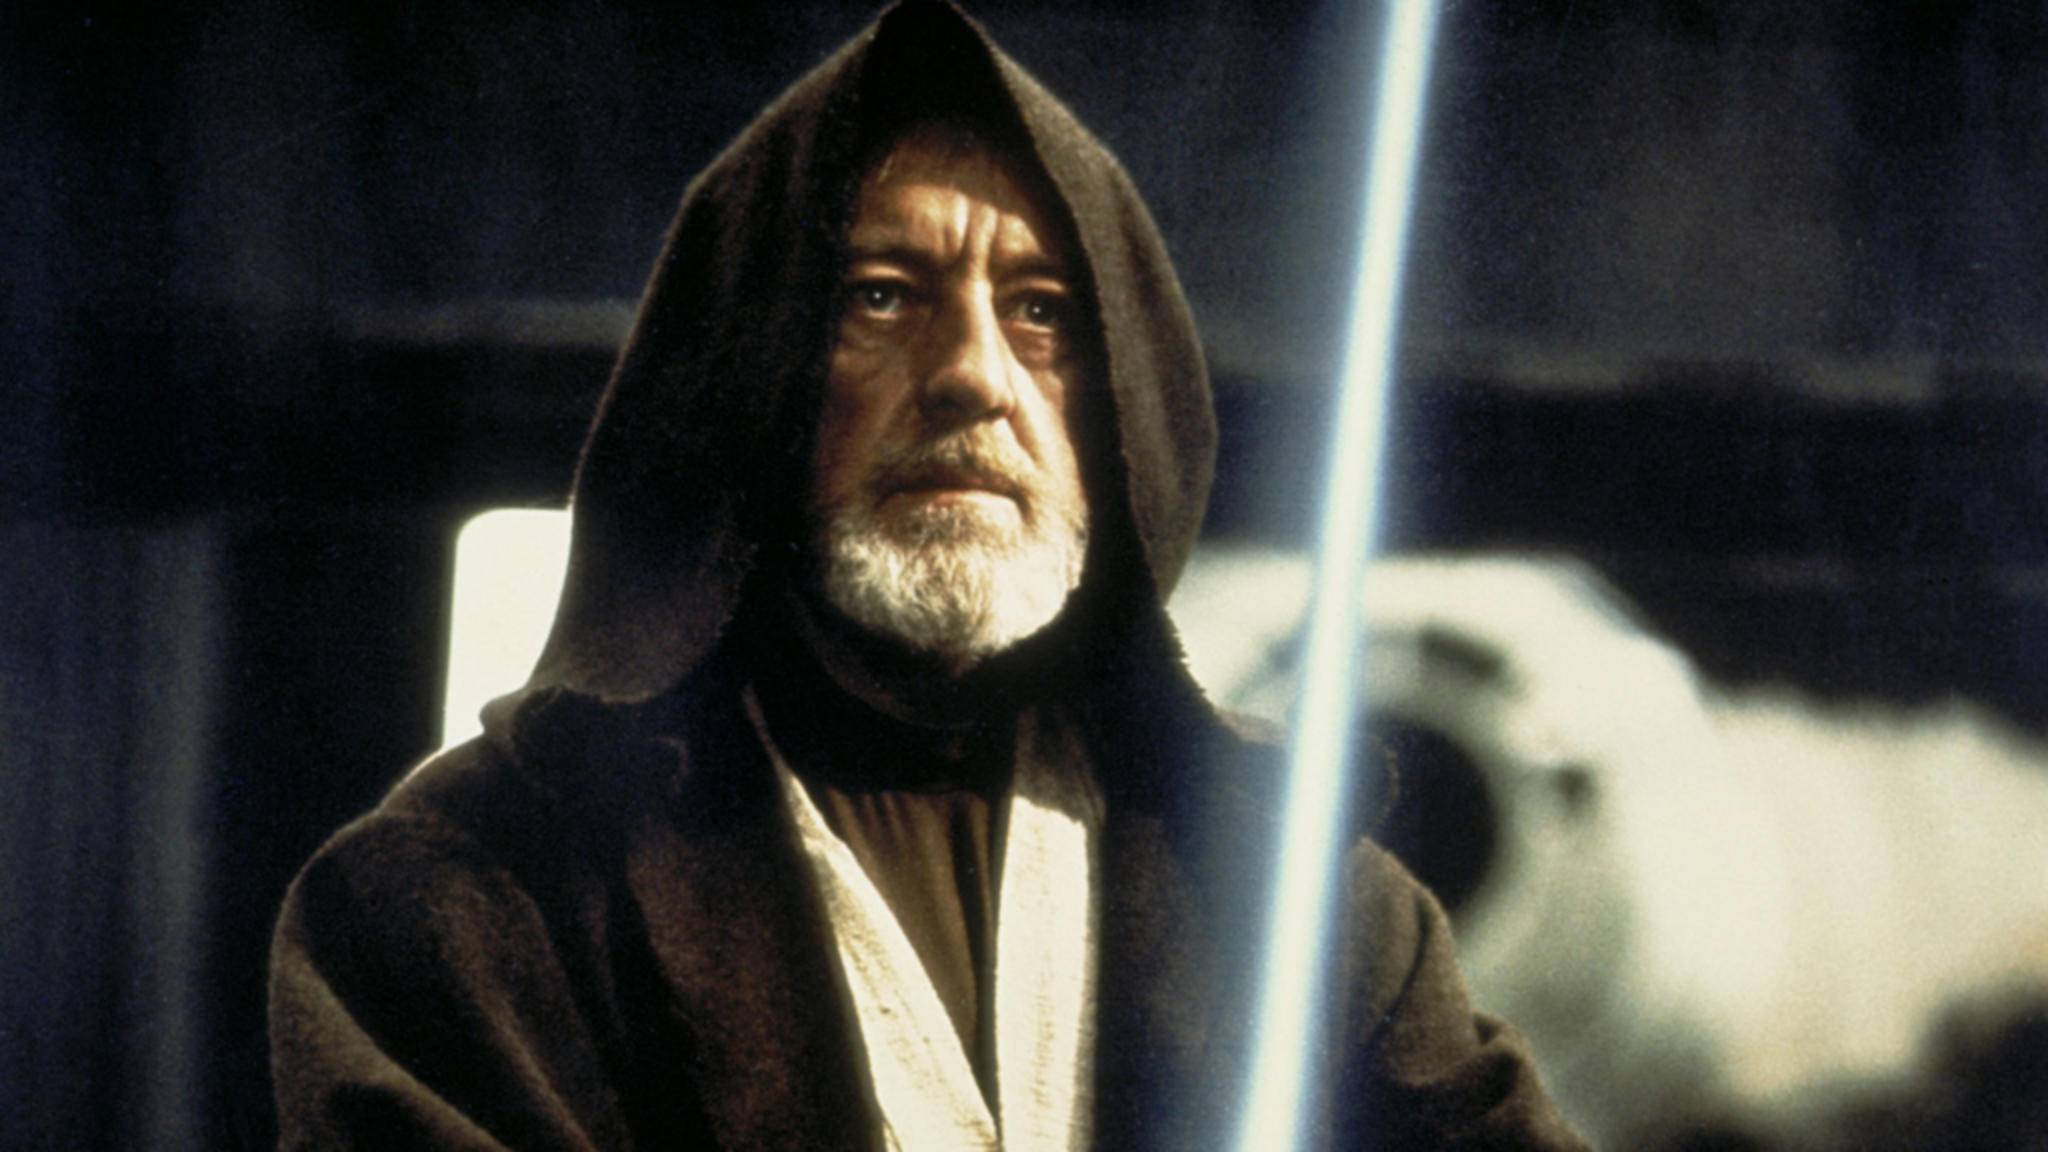 Wie es aussieht, wird doch weiter am Spin-off über Obi-Wan Kenobi gearbeitet.